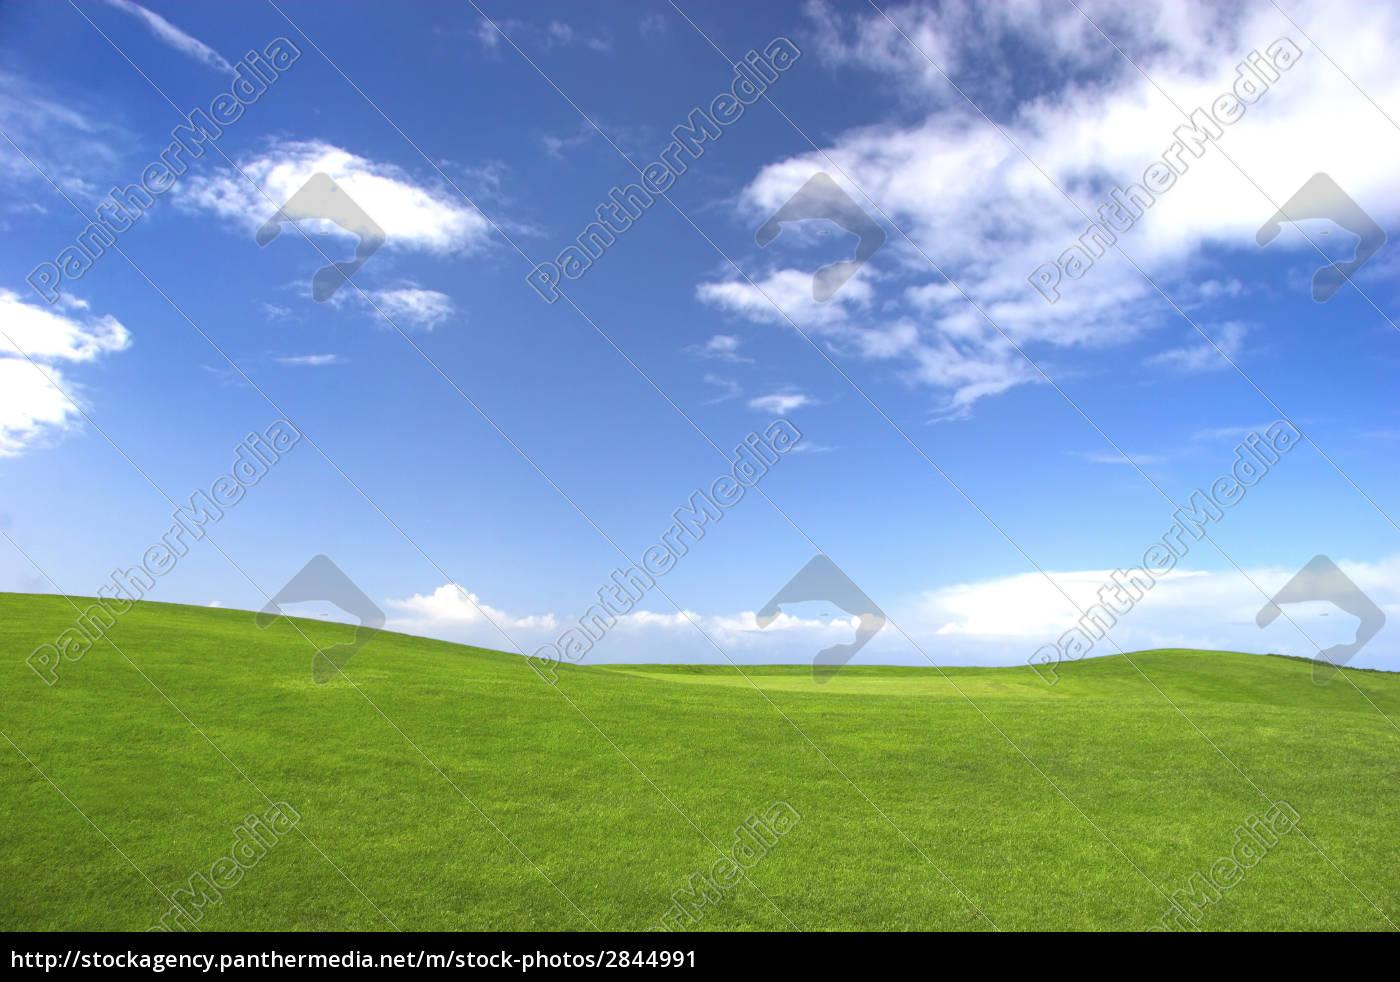 green, field - 2844991